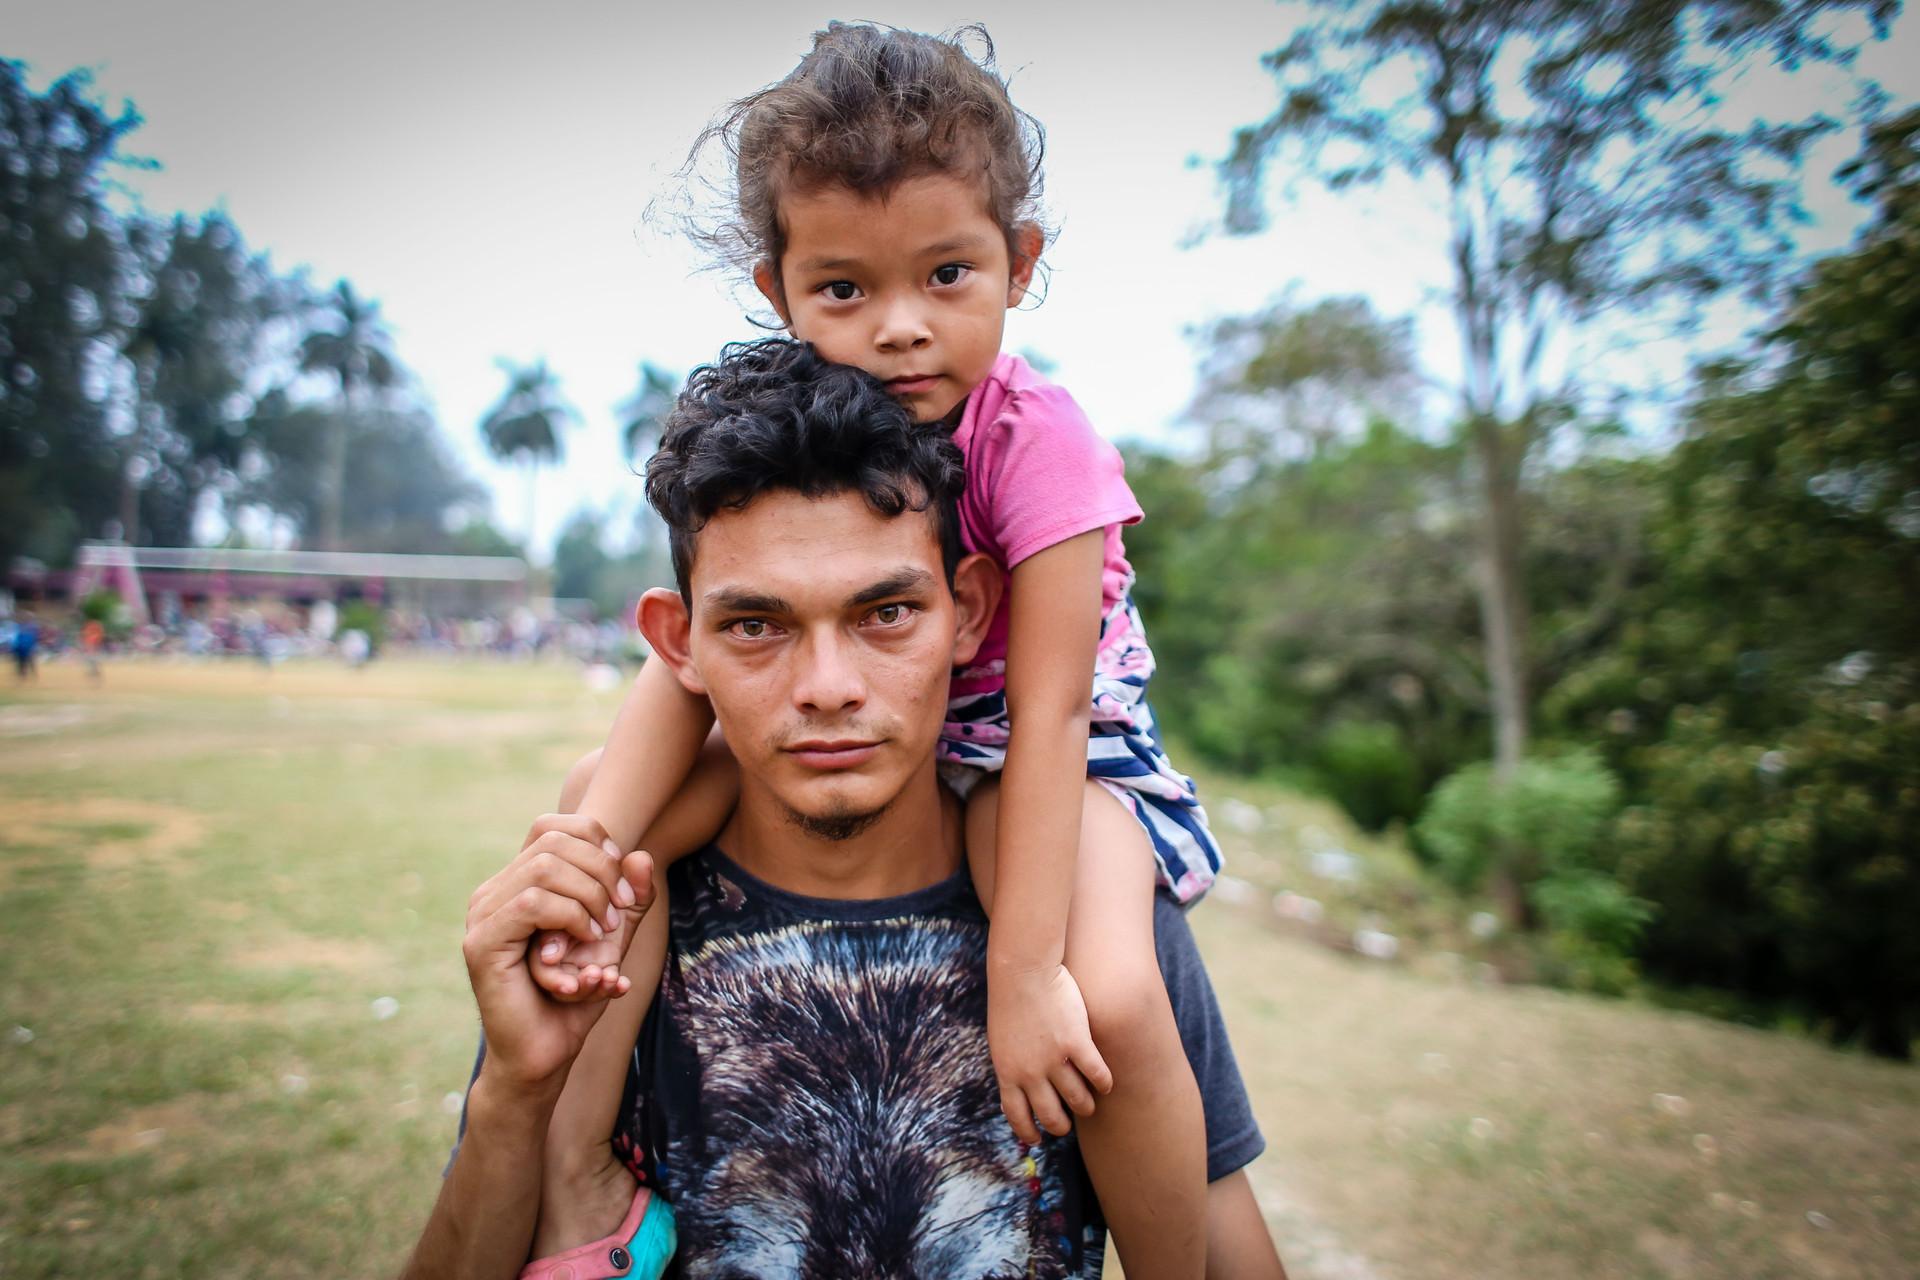 Mexico_Caravan_2018-80.jpg